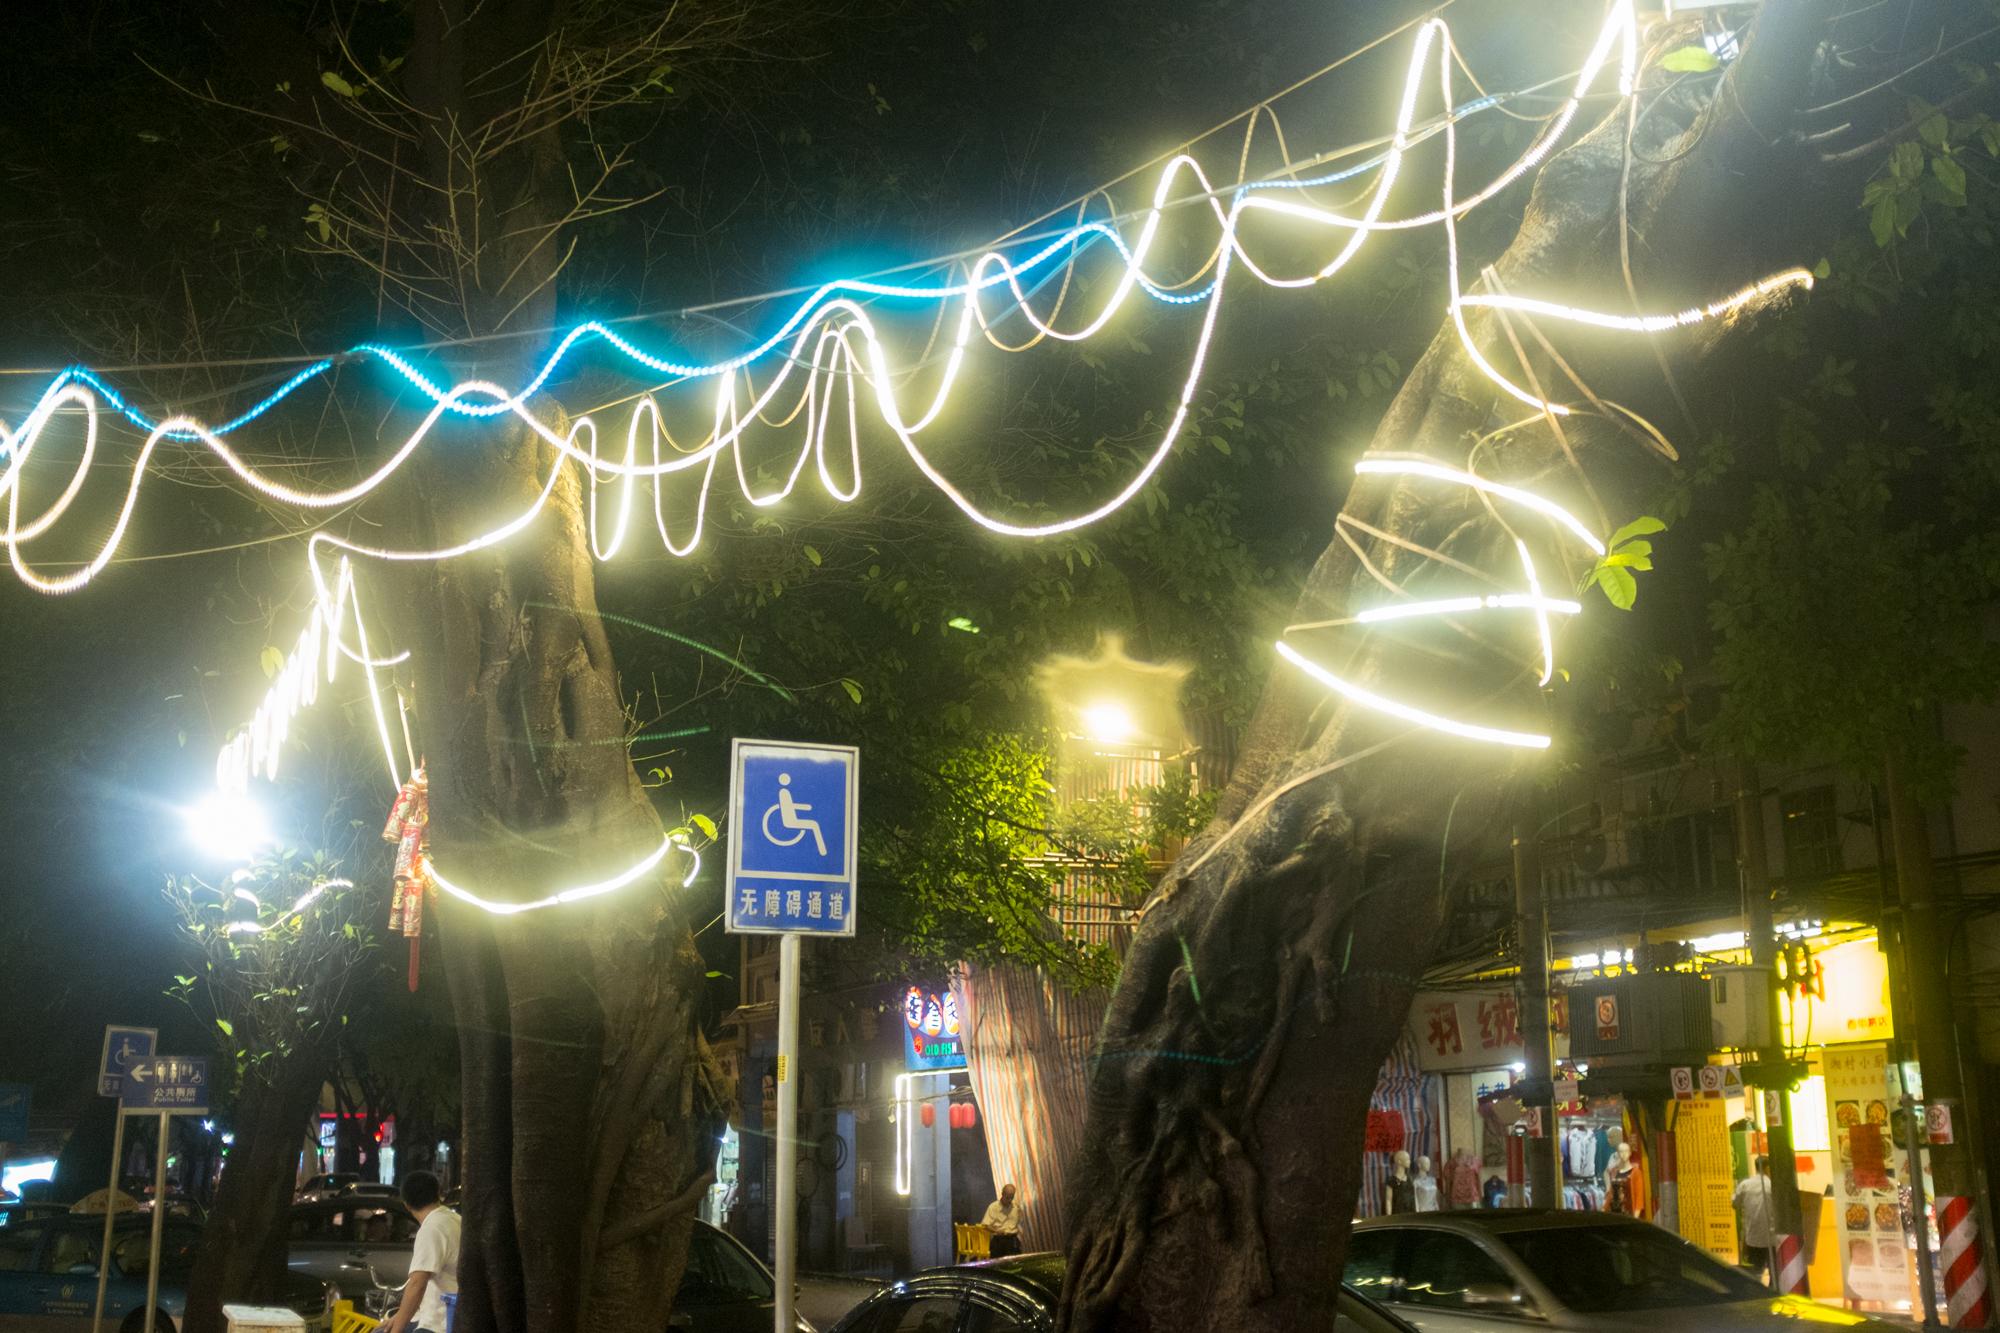 Guangzhao Night Lights